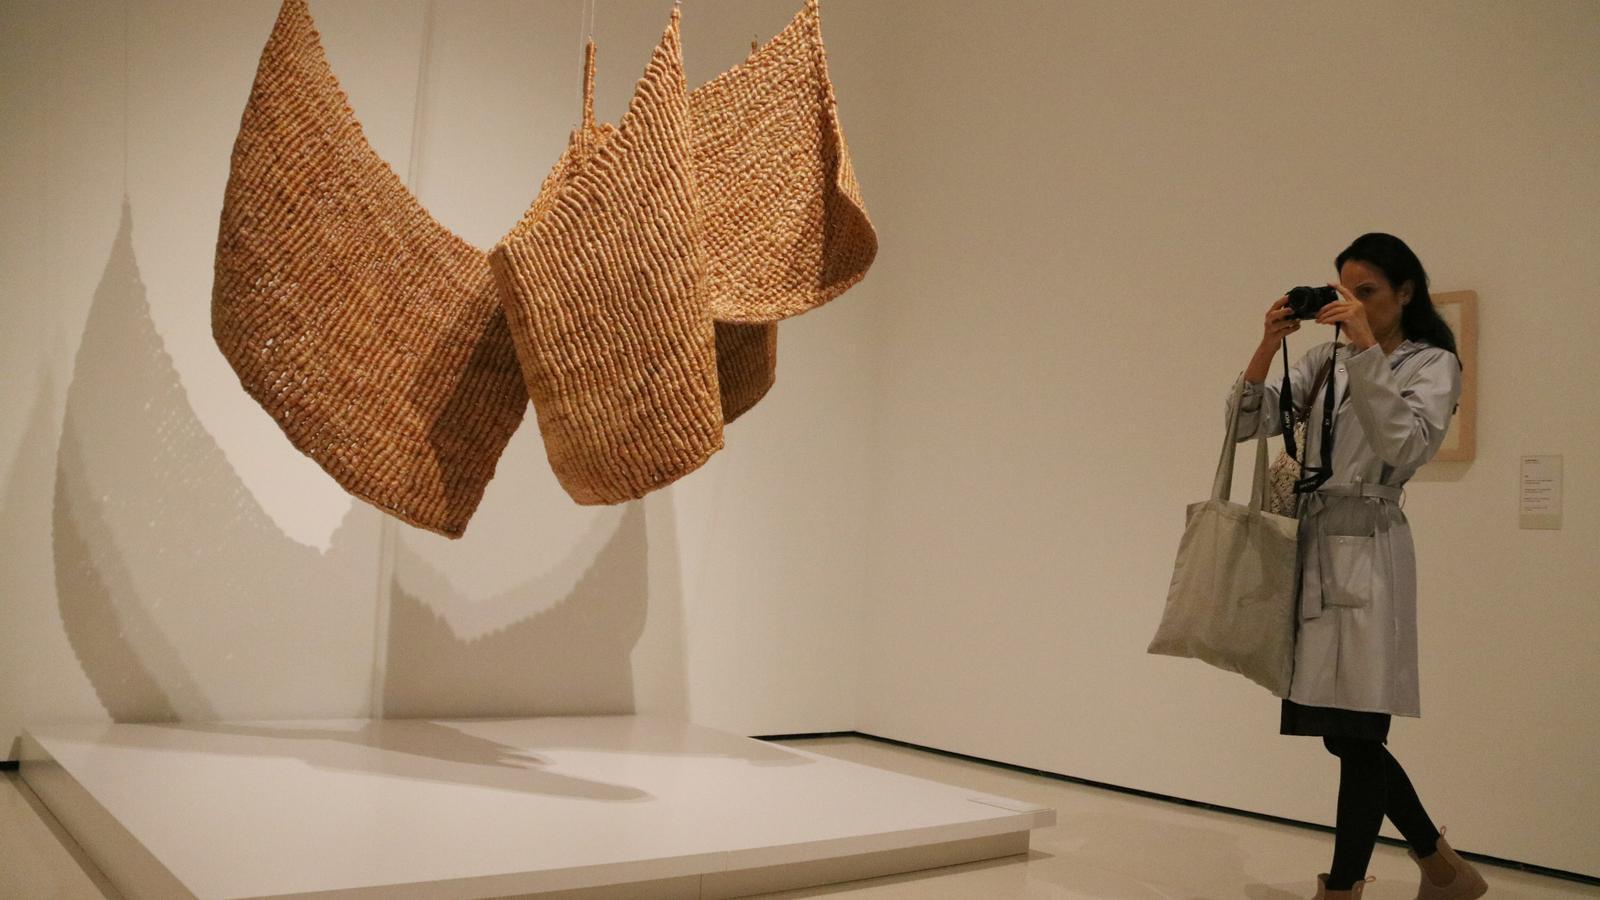 L'obra 'Ens social', d'Aurèlia Muñoz, a l'exposició 'Nuar l'espai' del MNAC